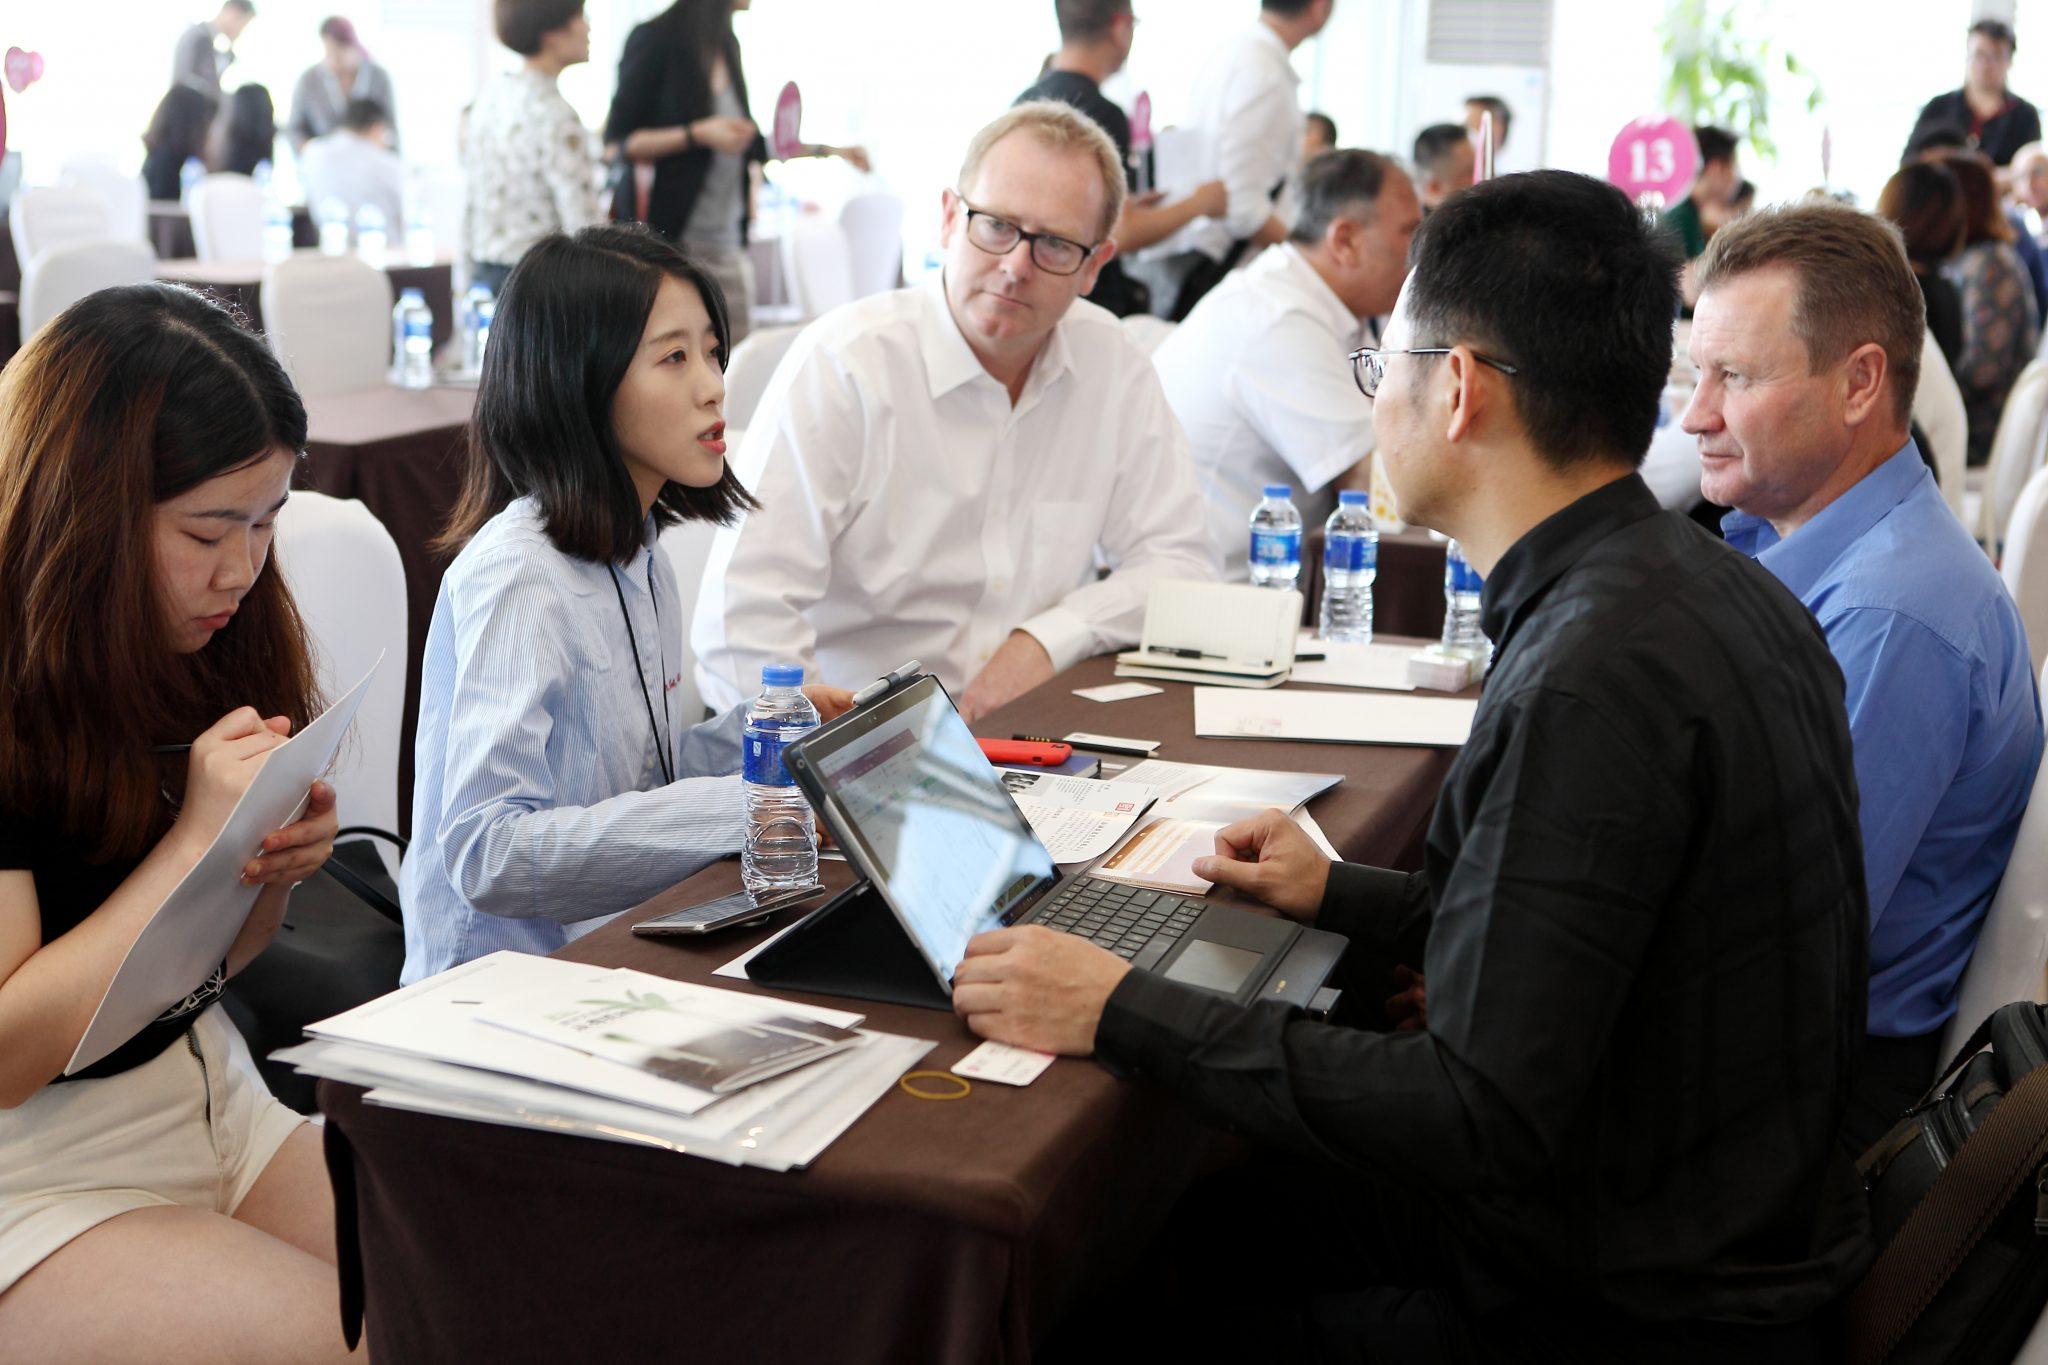 Ceux qui ont les moyens financiers optent souvent pour le recours à un intermédiaire spécialisé sur le marché chinois